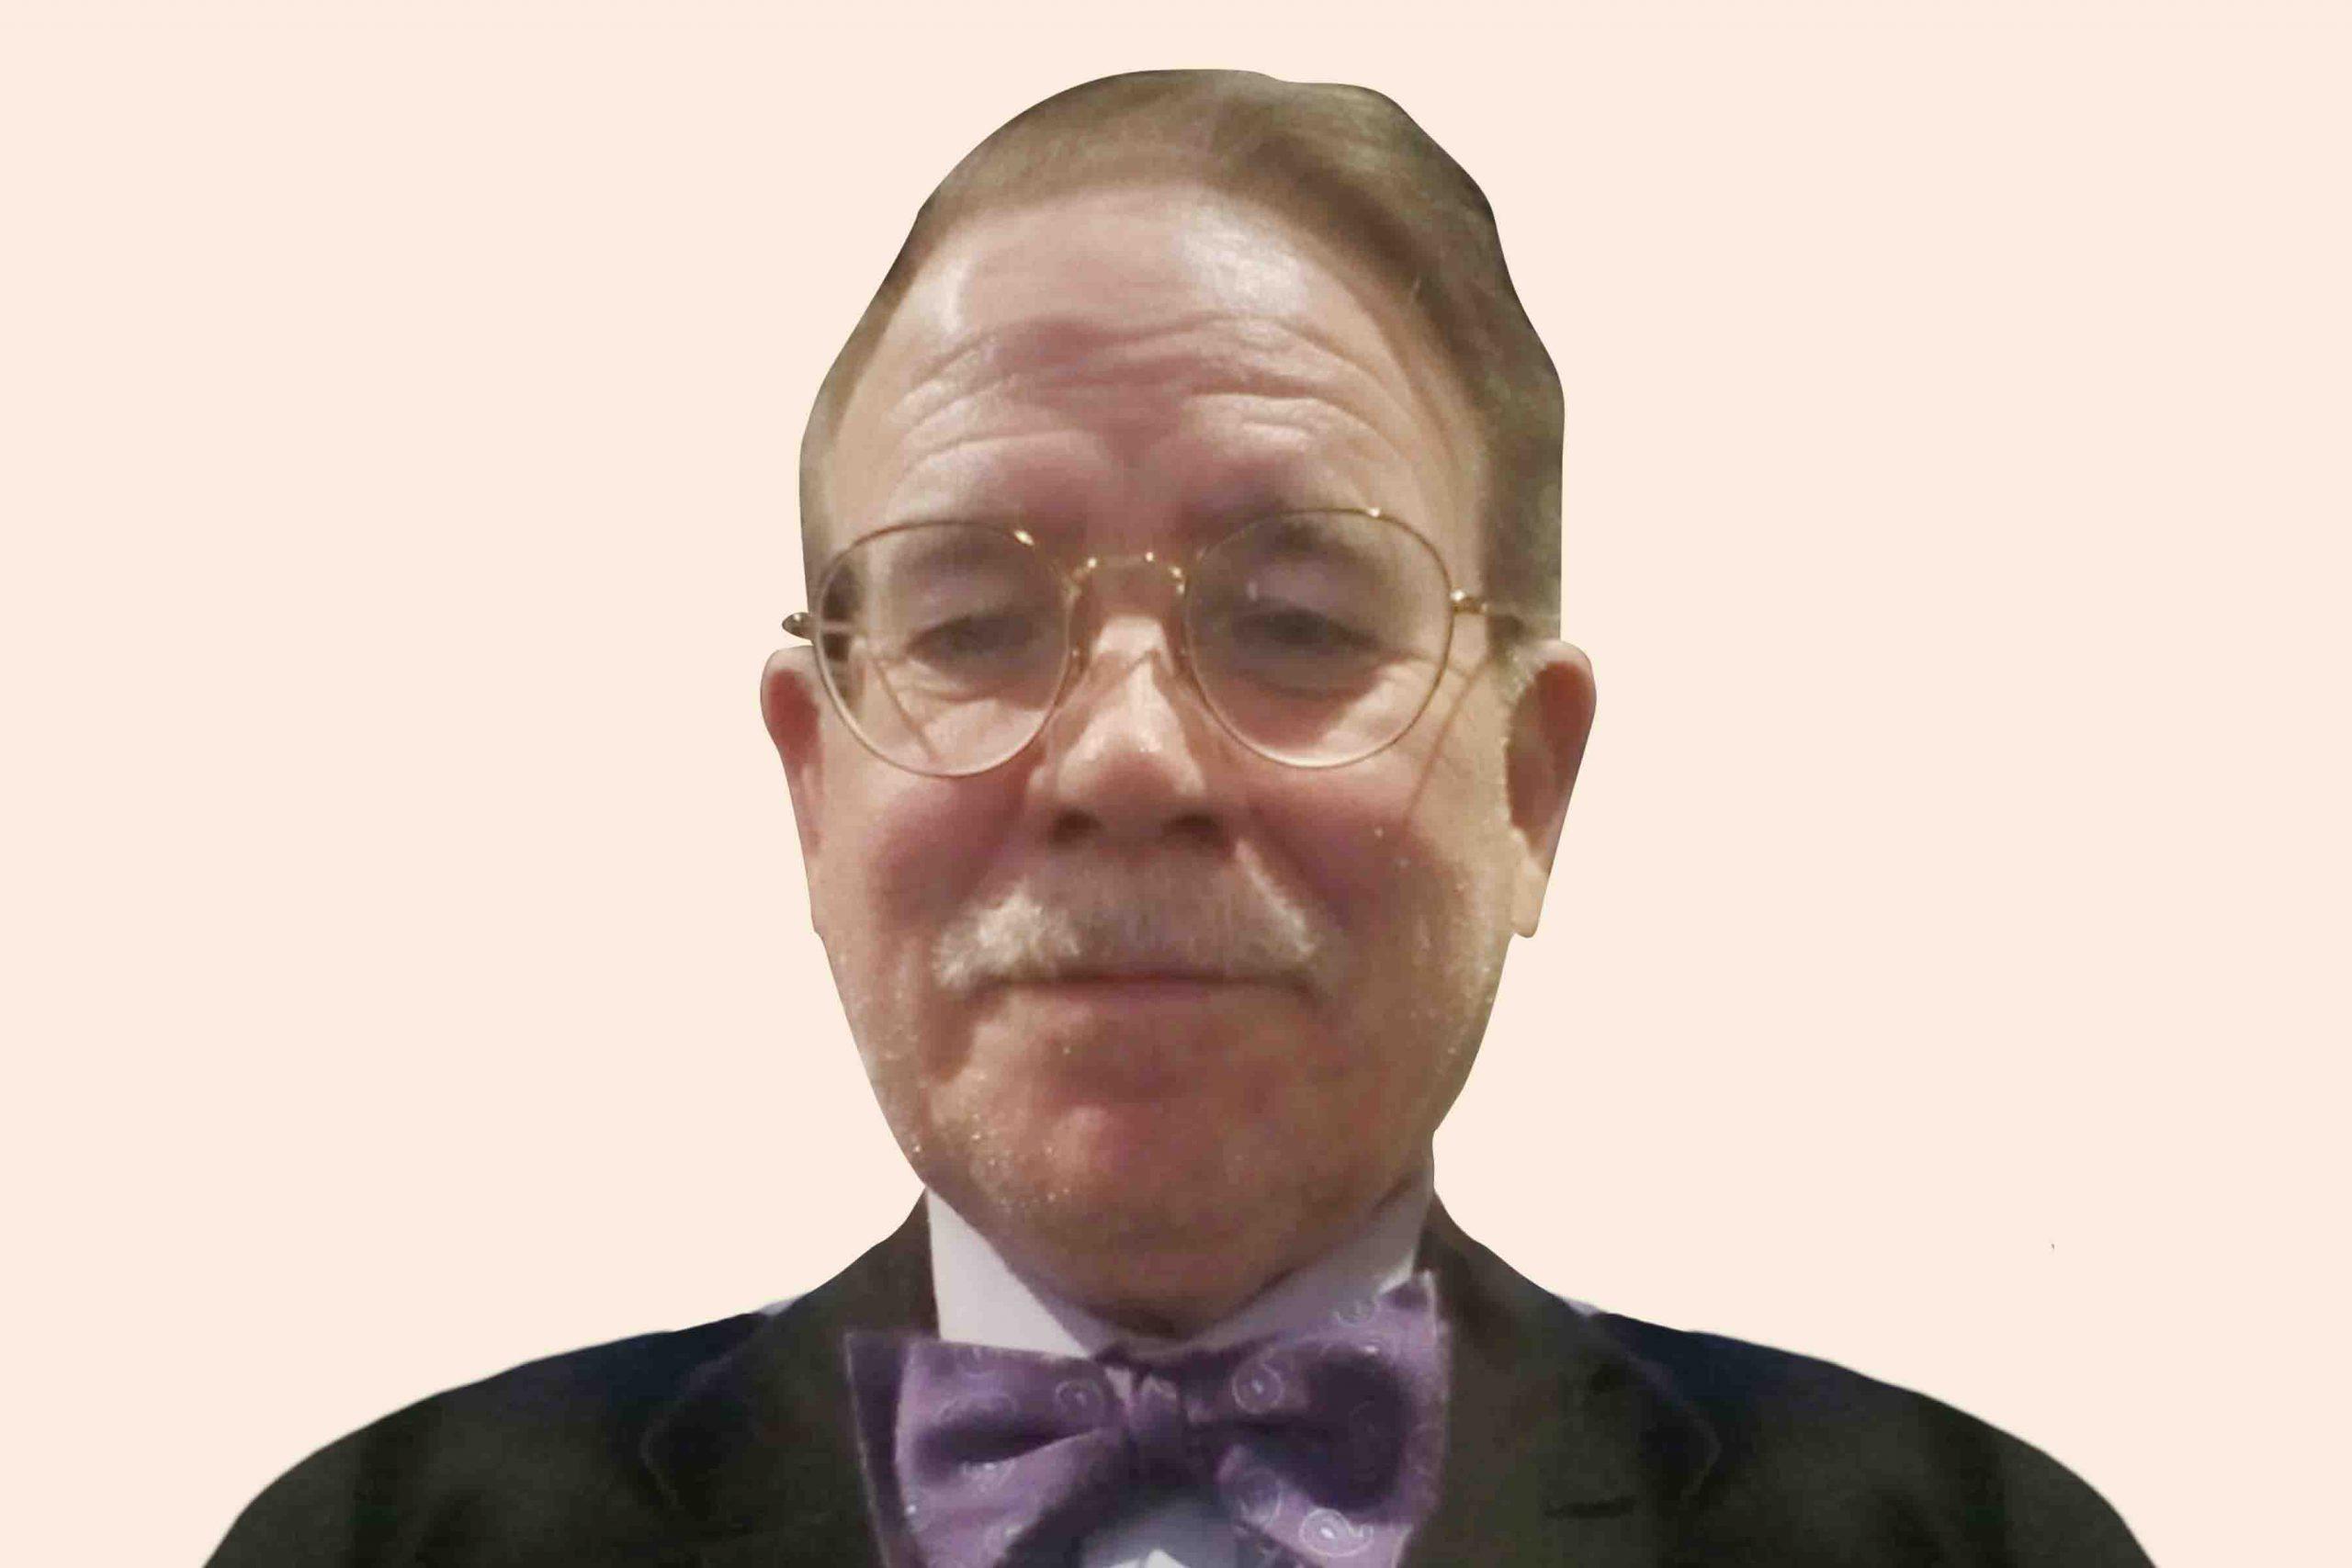 photo for Scott profile